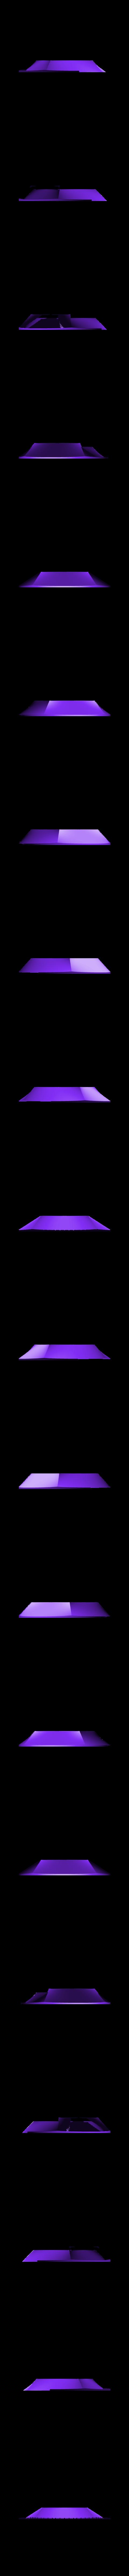 Square Gem.stl Download STL file Steven Universe Cosplay Gem Set • 3D printable object, httpkoopa